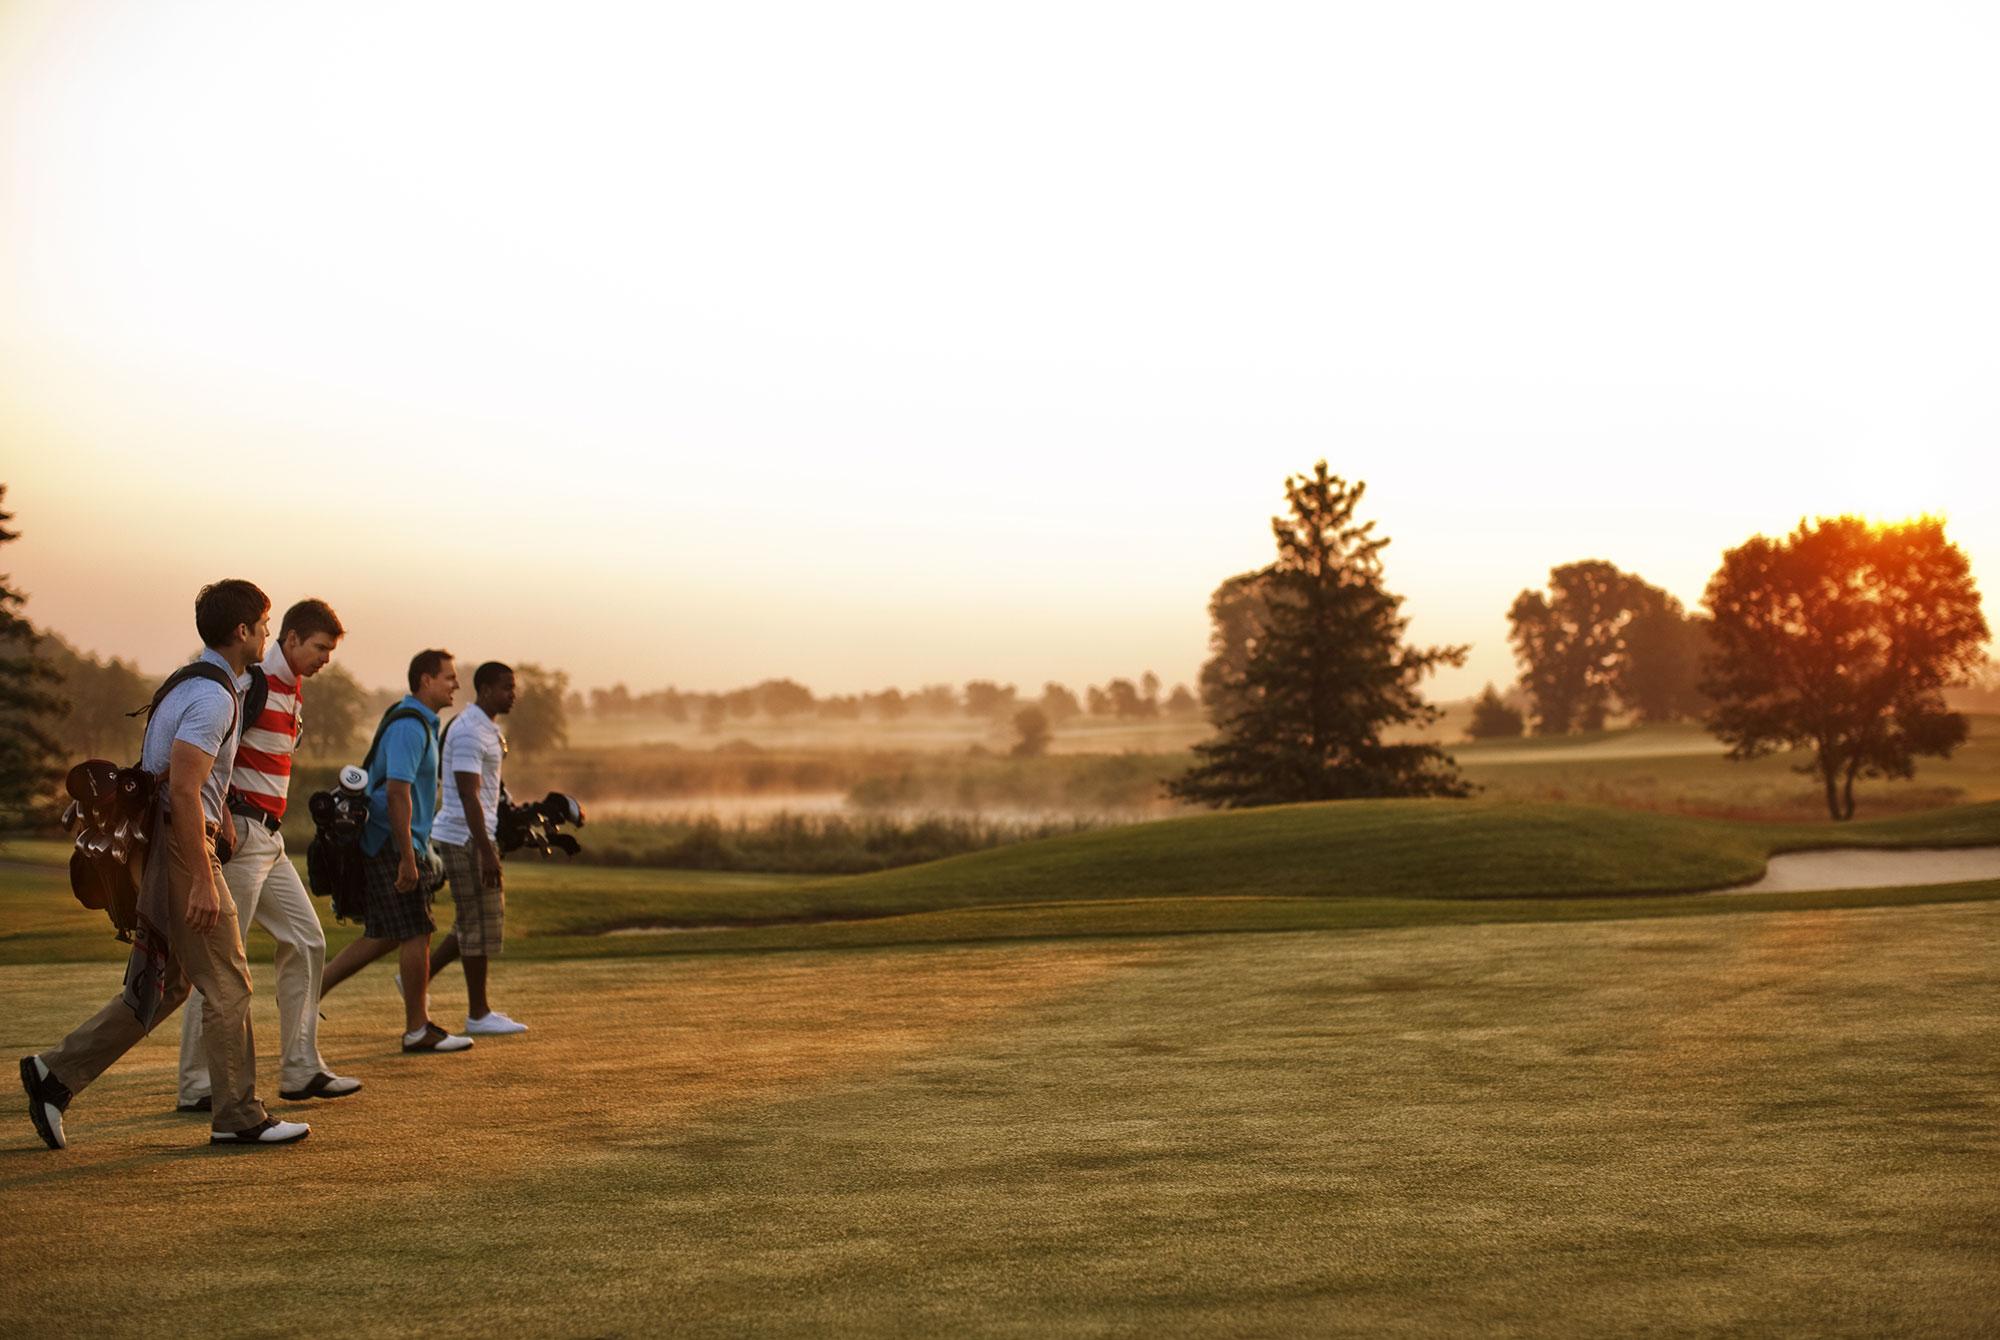 LIFE_golf-test_0028-2.jpg